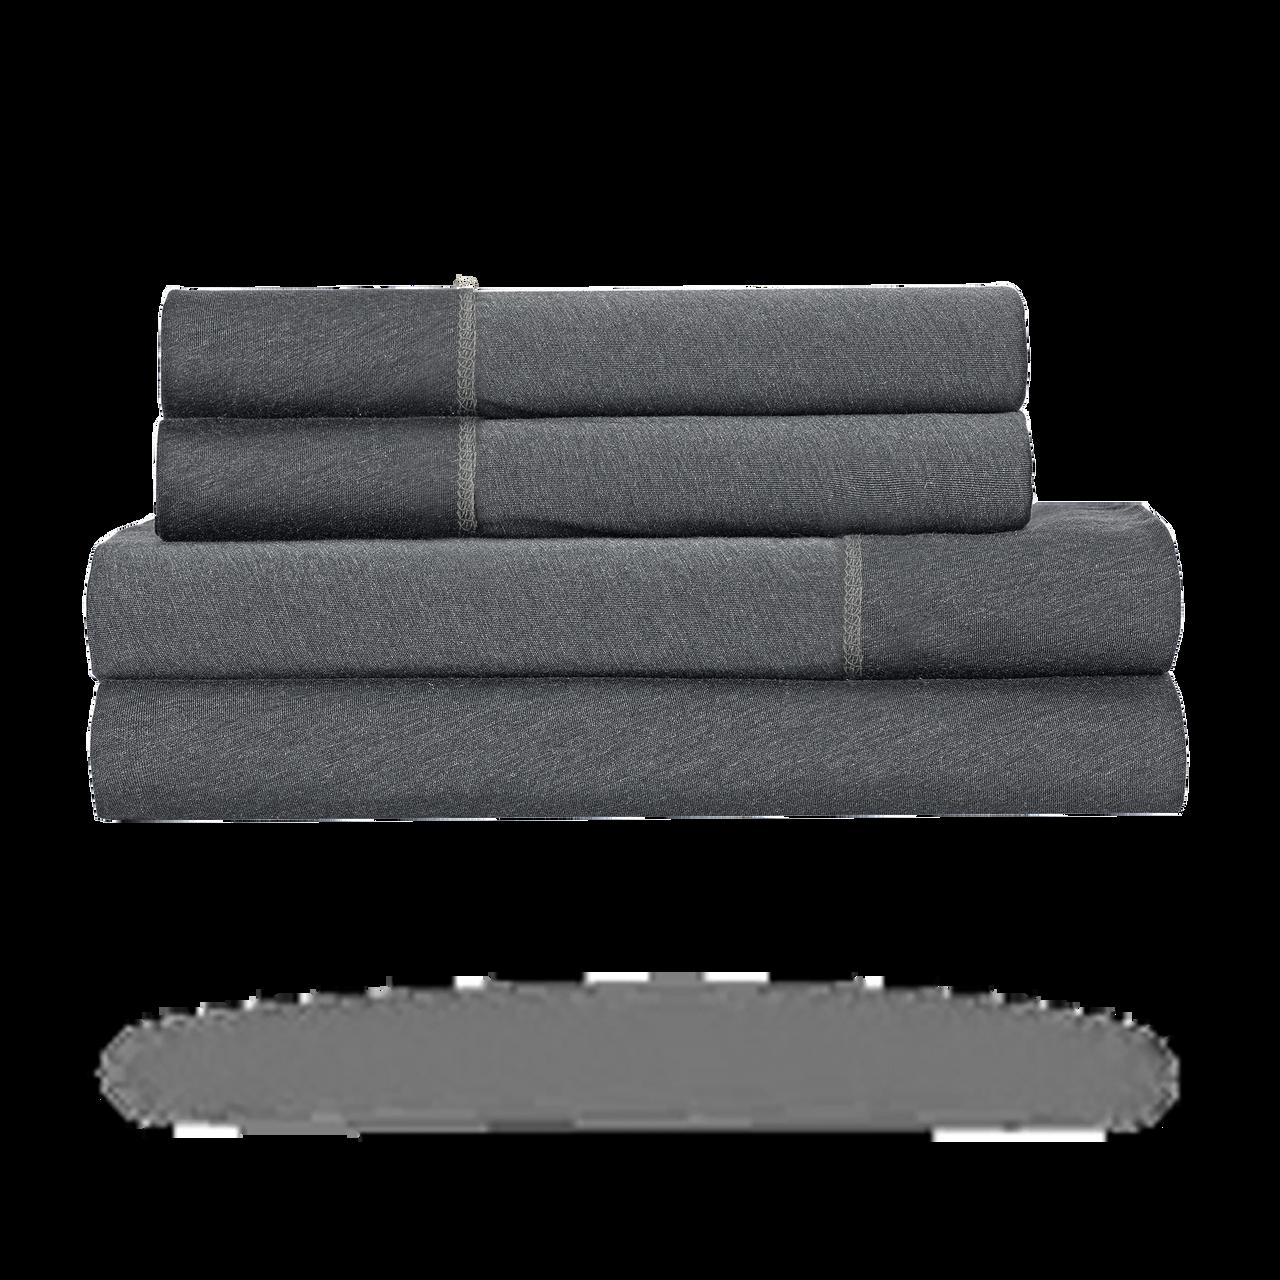 Bedgear Hyper-Wool Technology Performance Wool Sheet Set - Grey - Queen - BGS28AMS1FQ, 814874021265